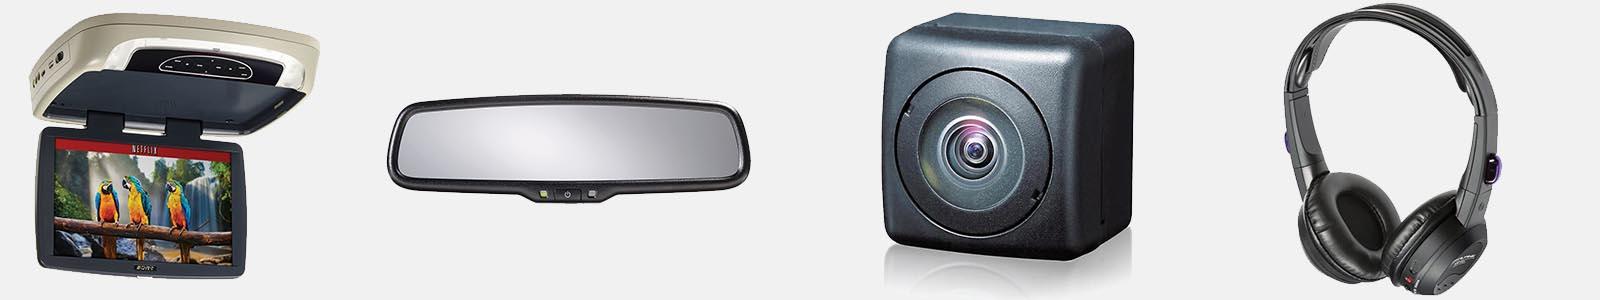 video-safety-01-1.jpg